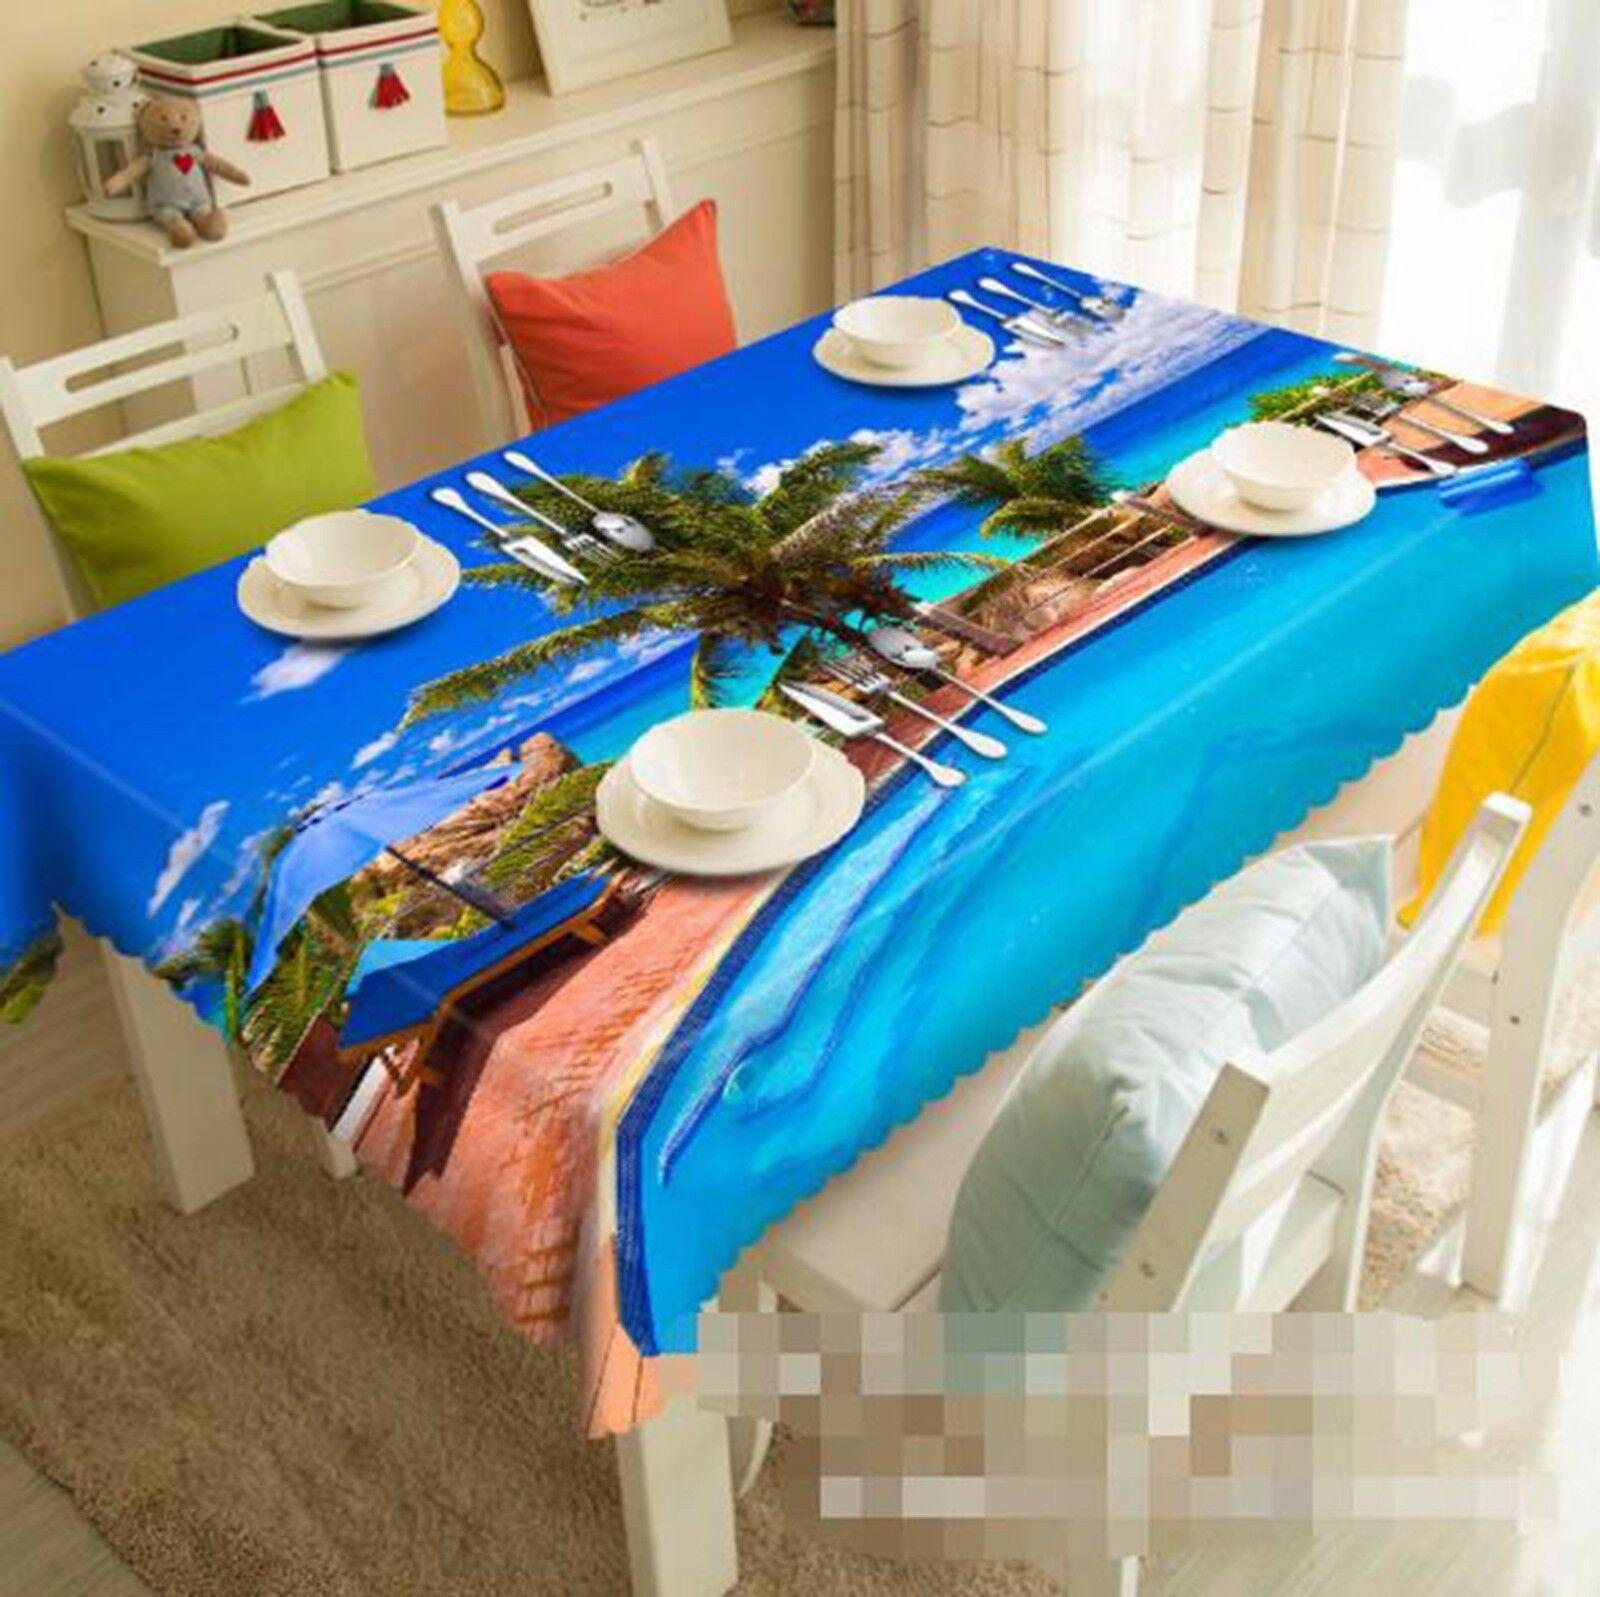 Bassin 3D Sky 6 Nappe Table Cover Cloth fête d'anniversaire AJ papier peint Royaume-Uni Citron